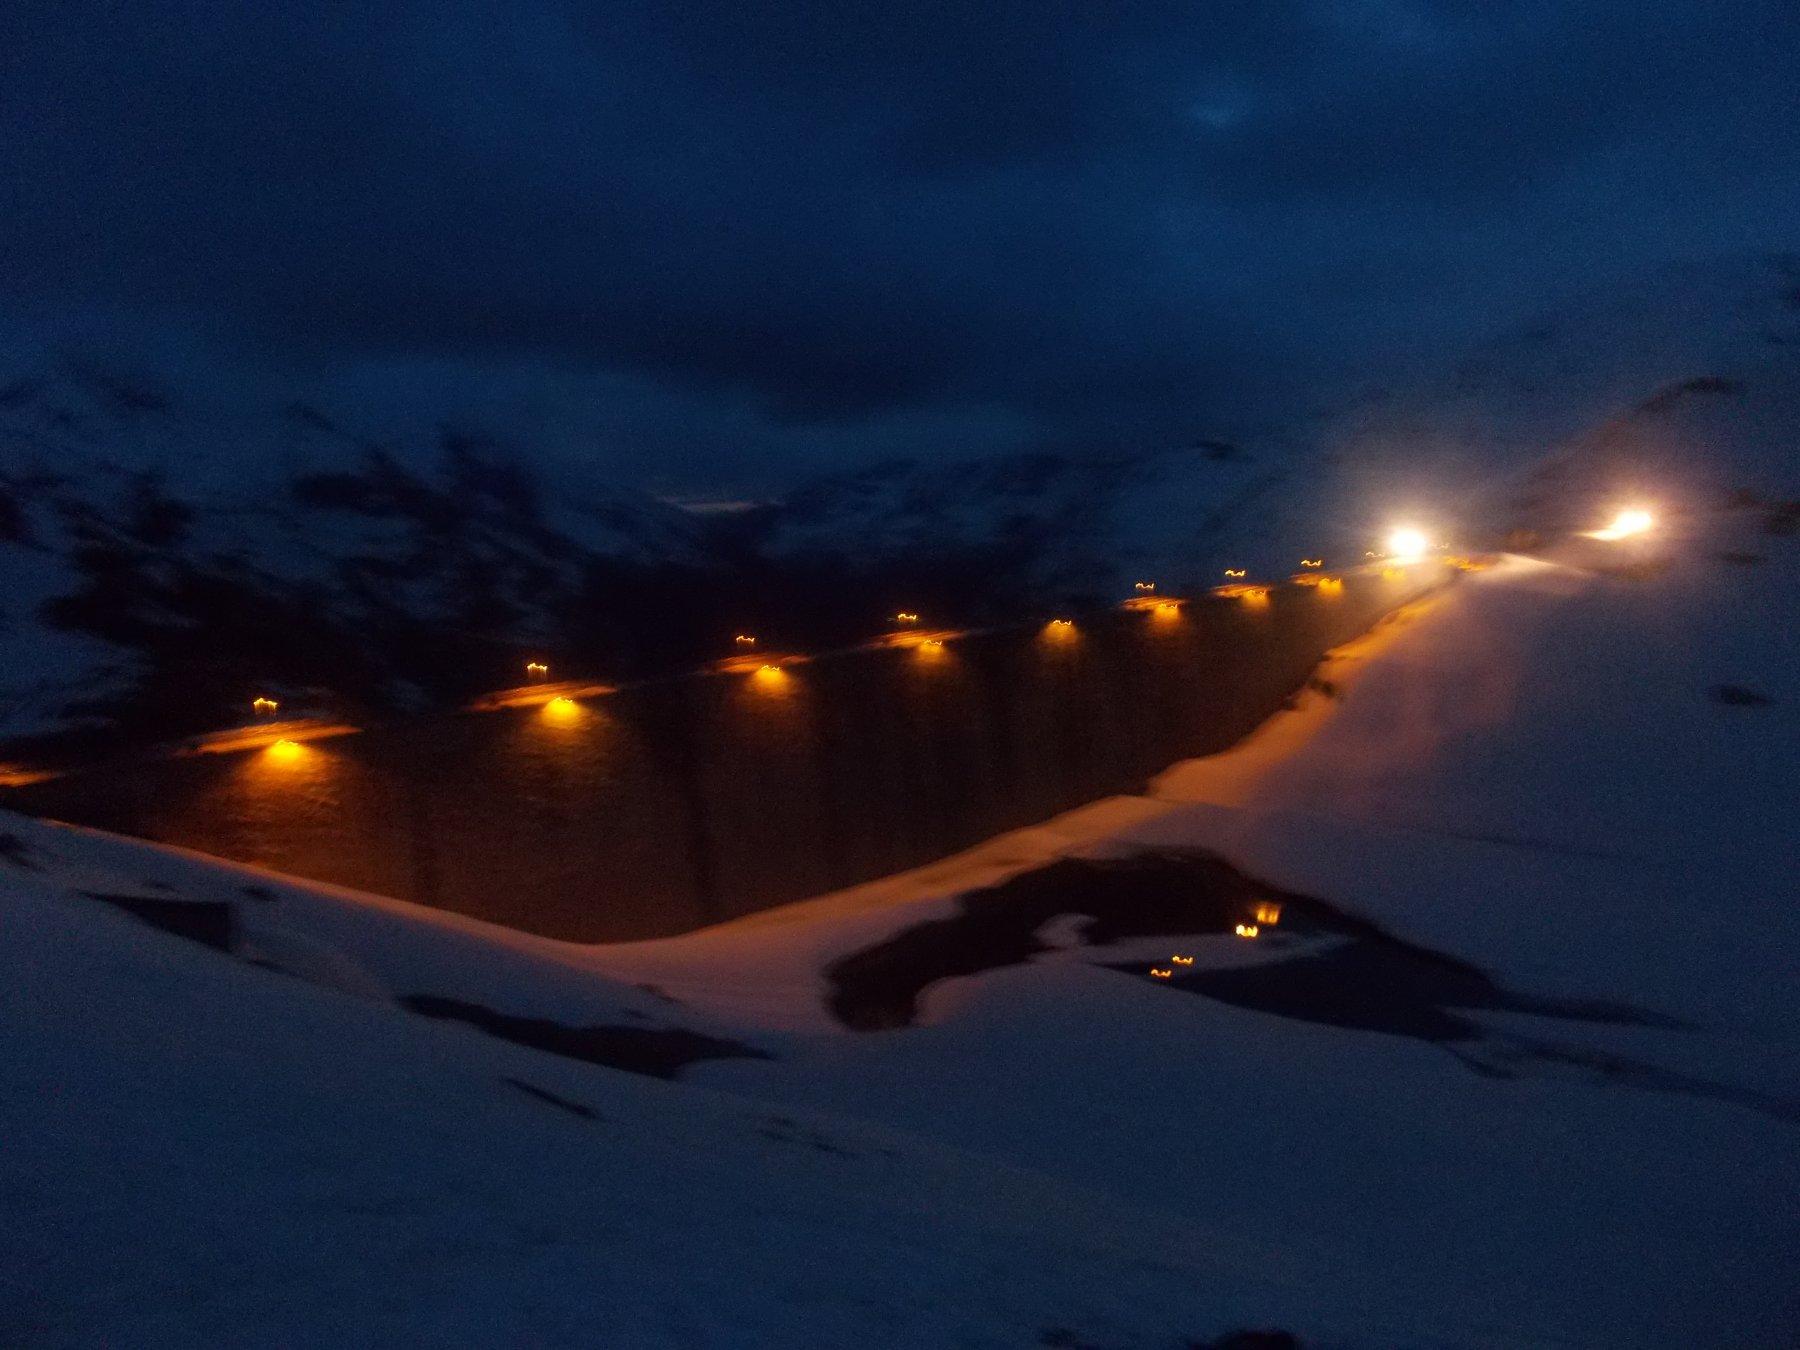 anche il muro della diga..illuminato a giorno..